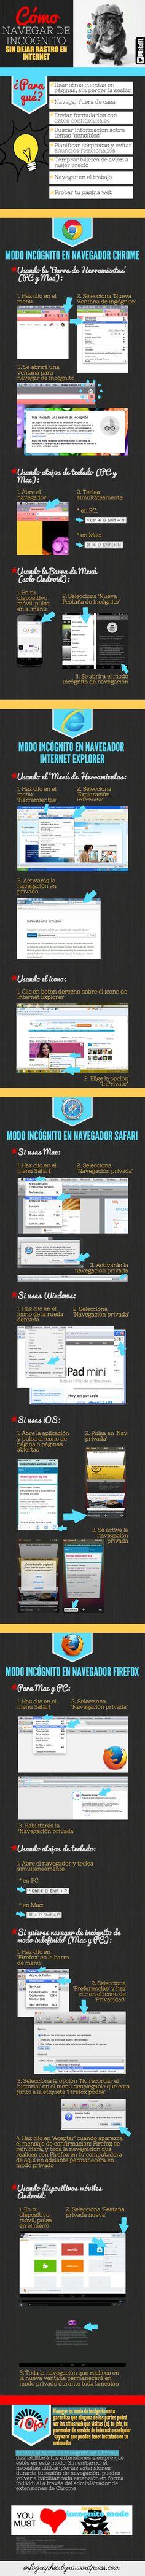 Hola: Una infografía sobre cómo navegar de incógnito sin dejar rastro en Internet. Vía Un saludo